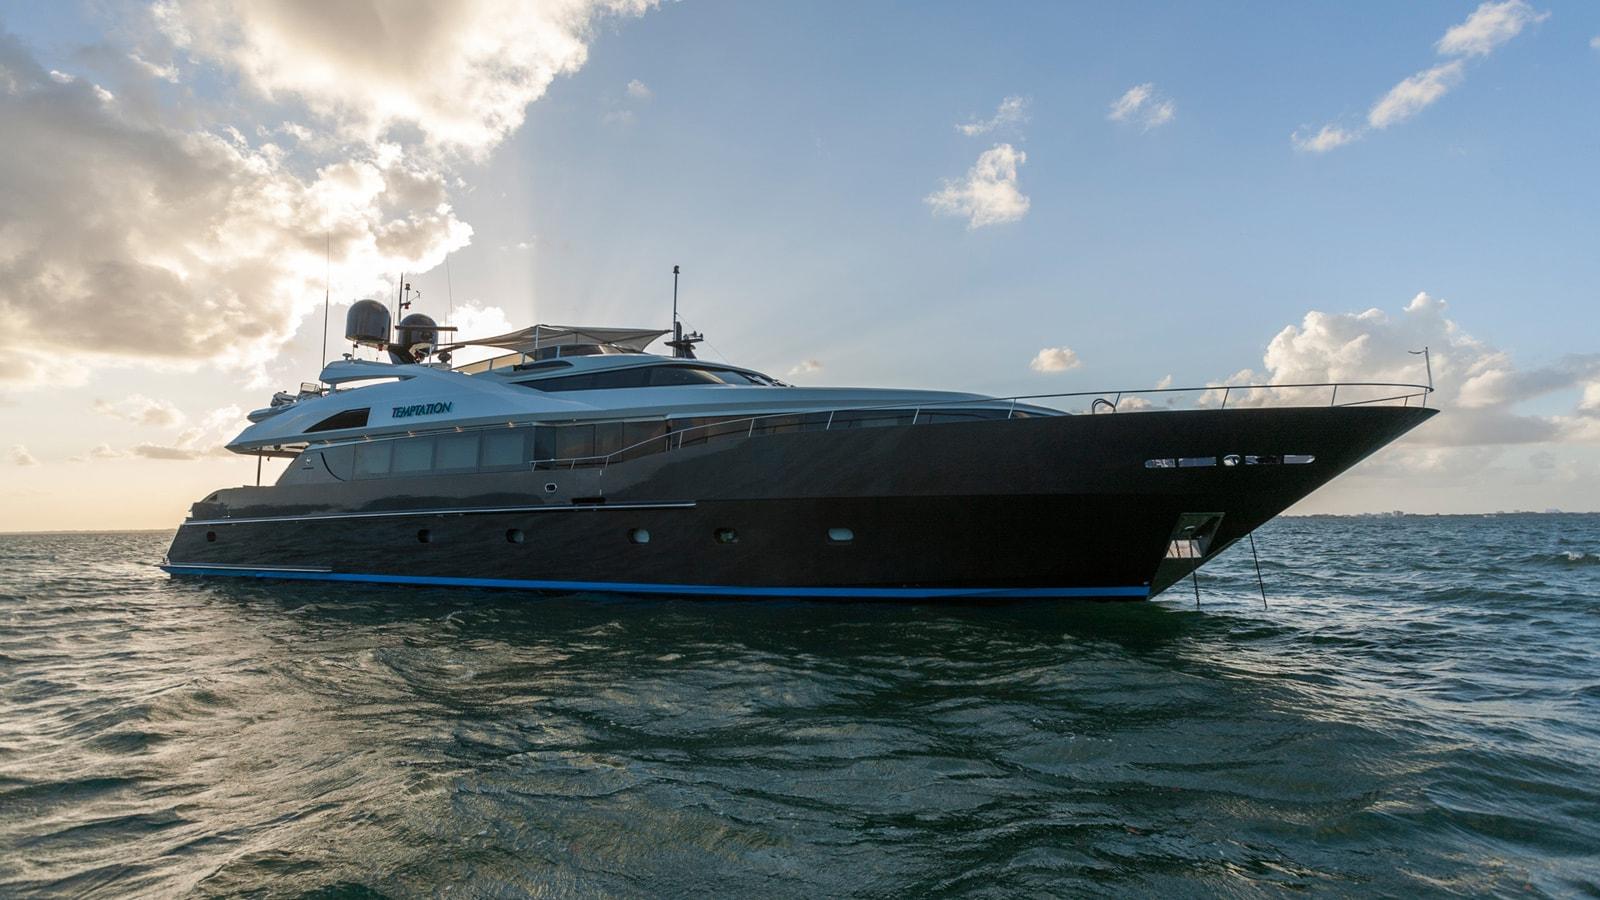 Yacht temptation Sails